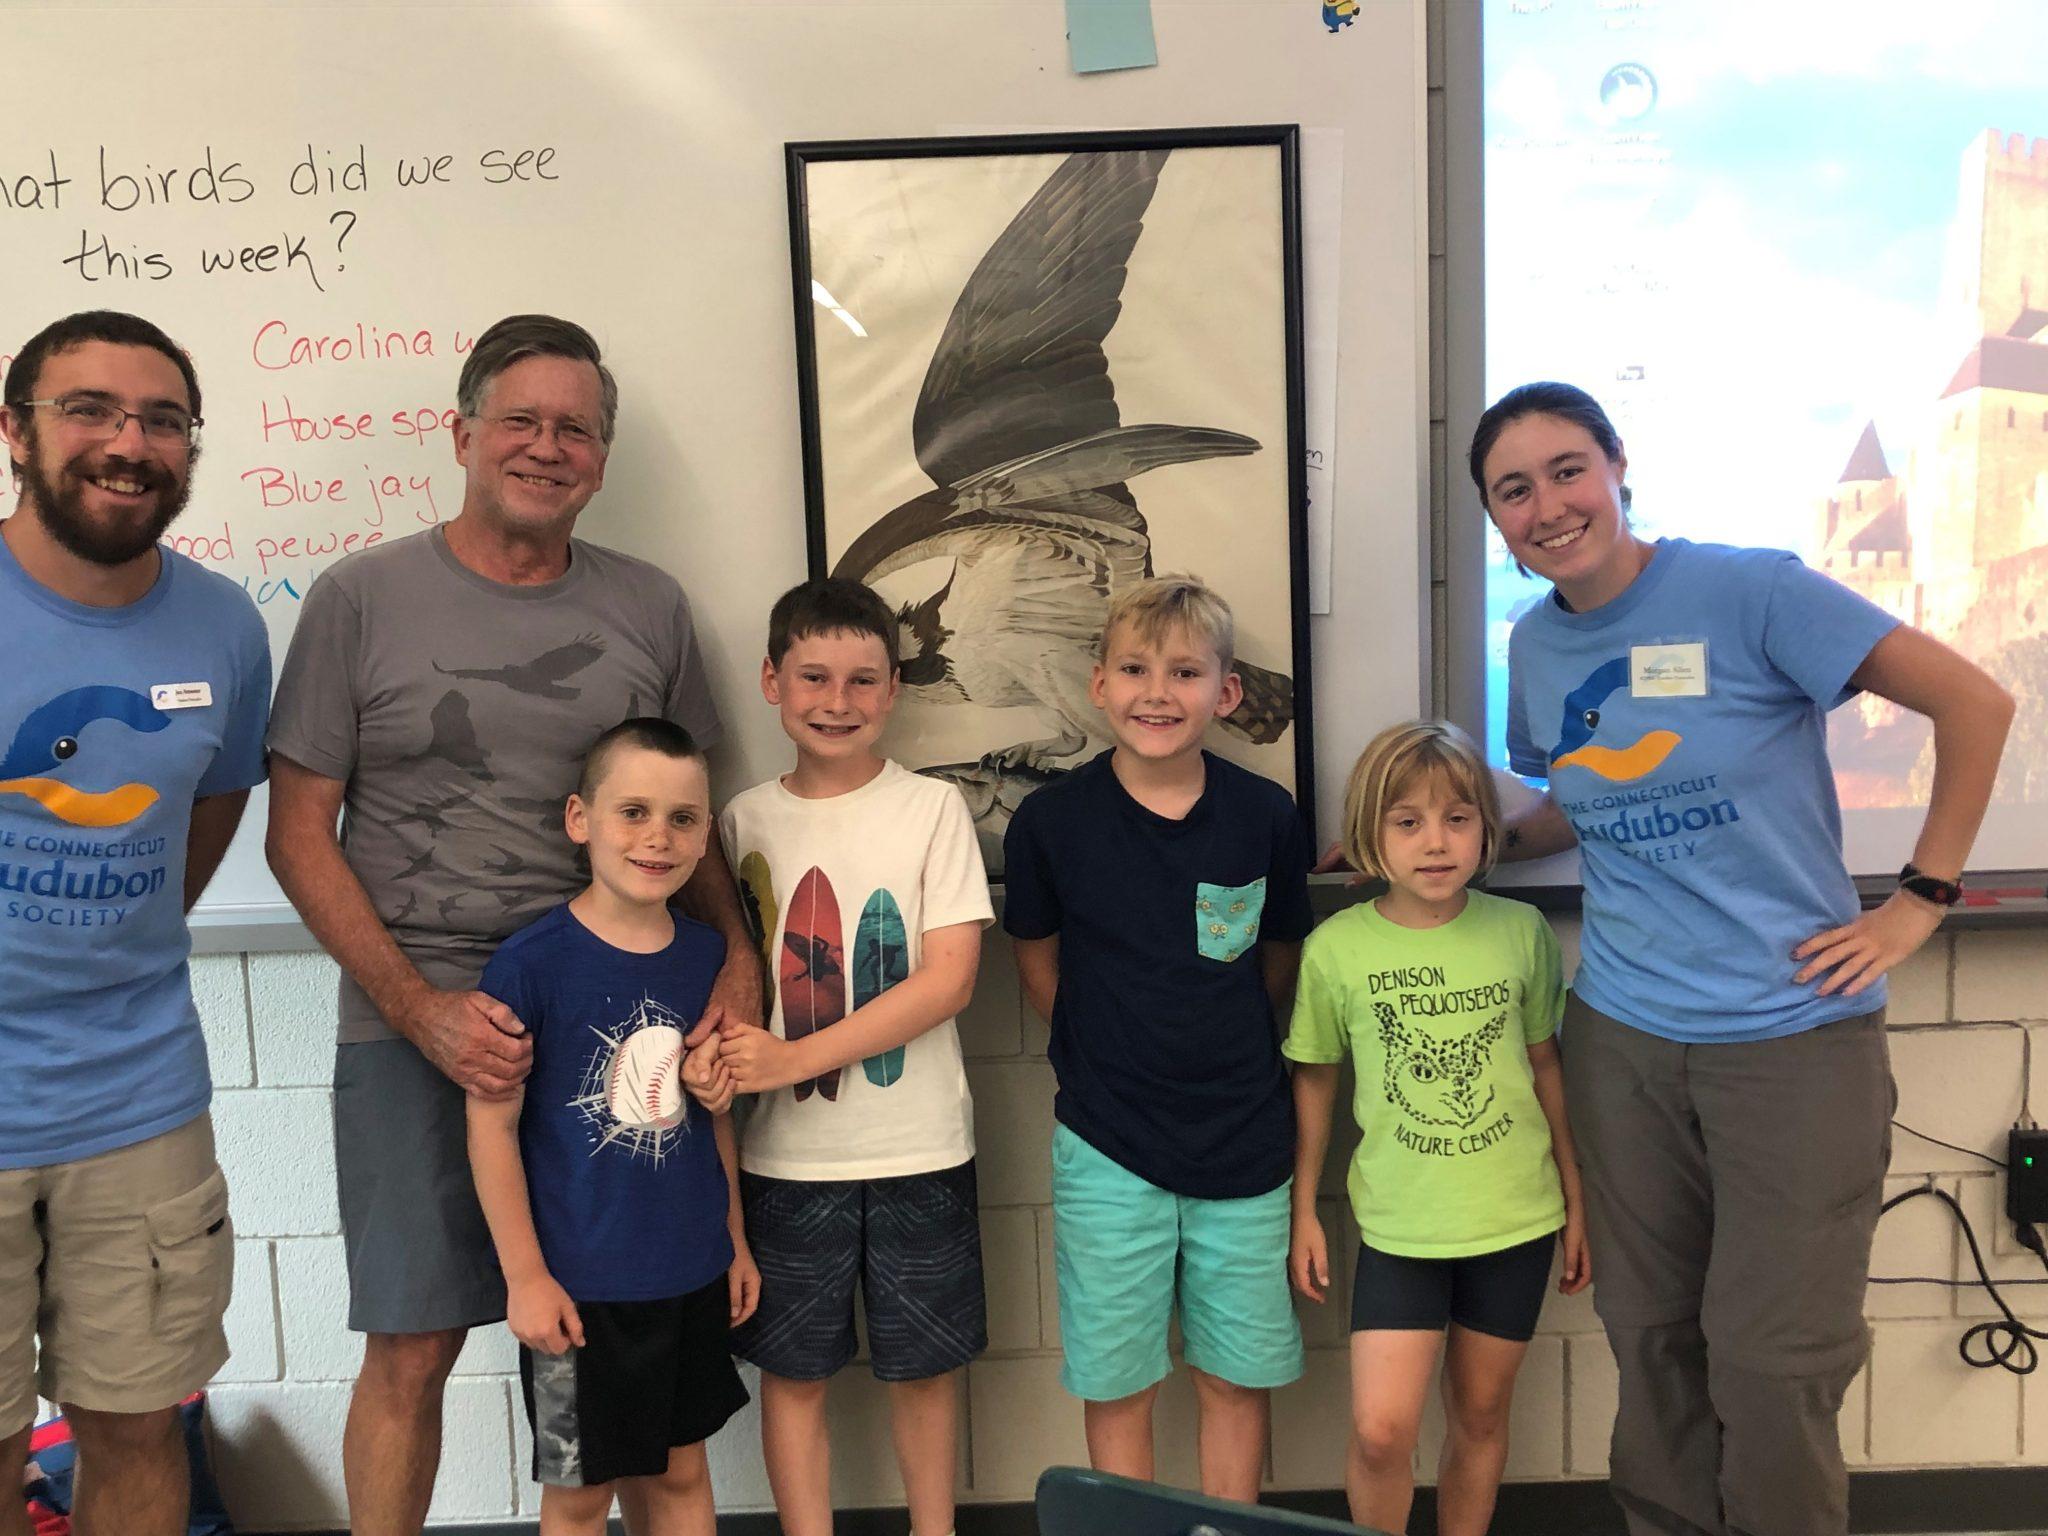 J. Denham osprey talk